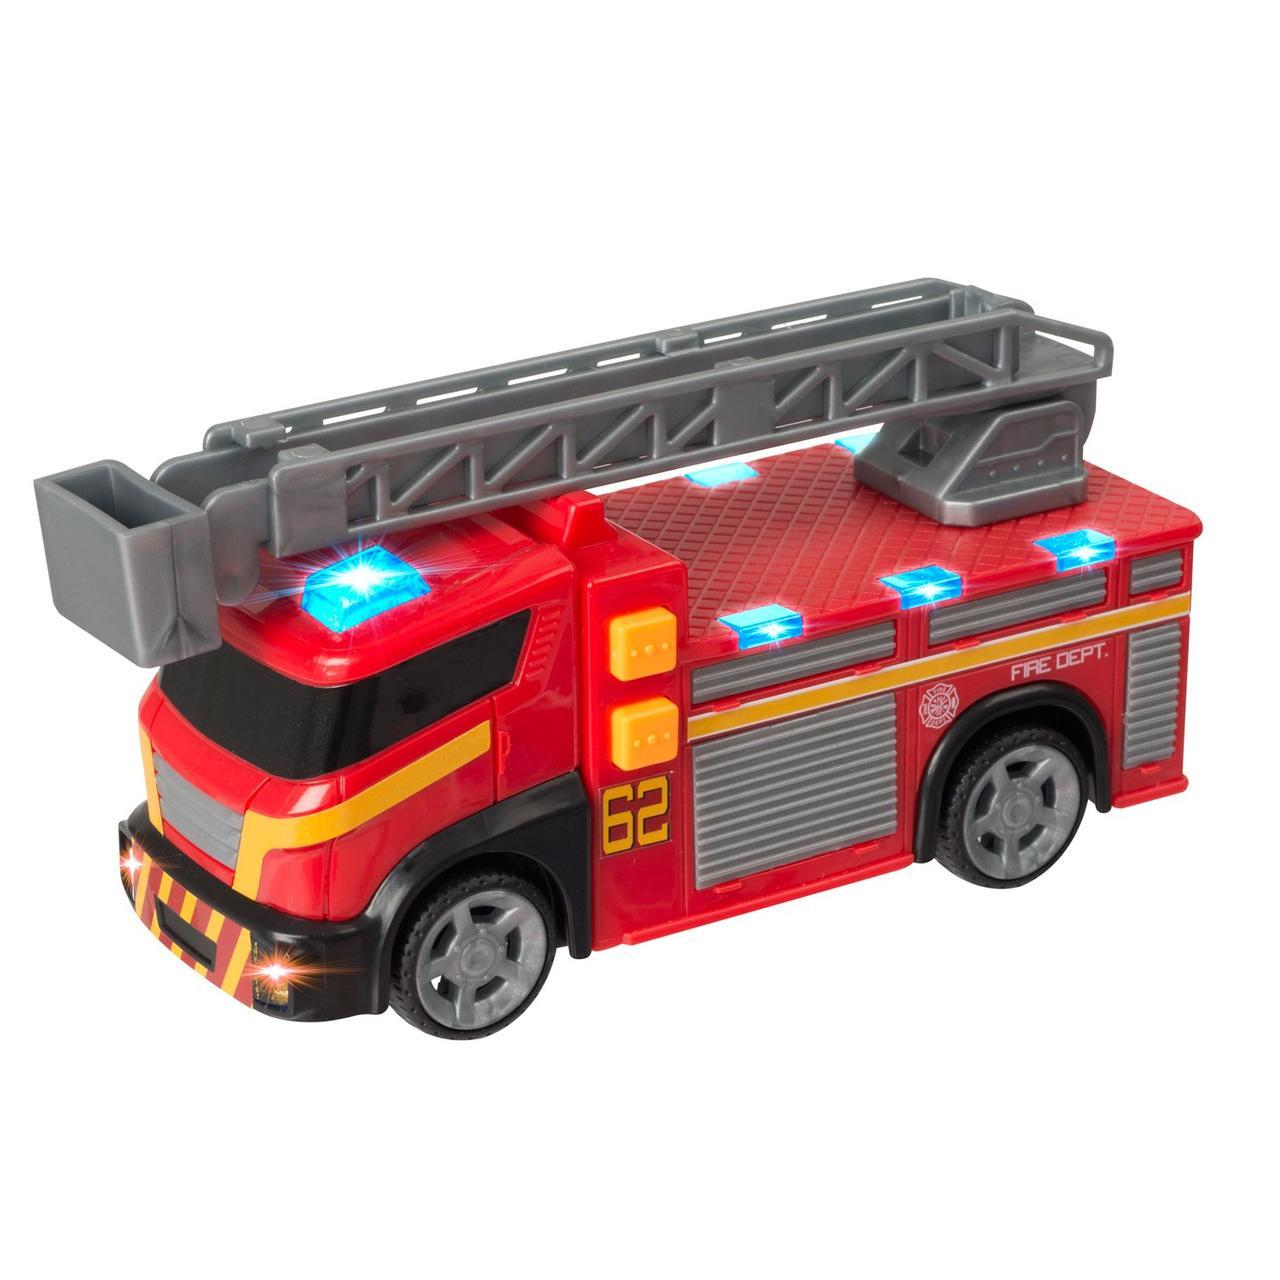 Teamsterz Игрушечная машинка Пожарная машина, 15 см (свет, звук)